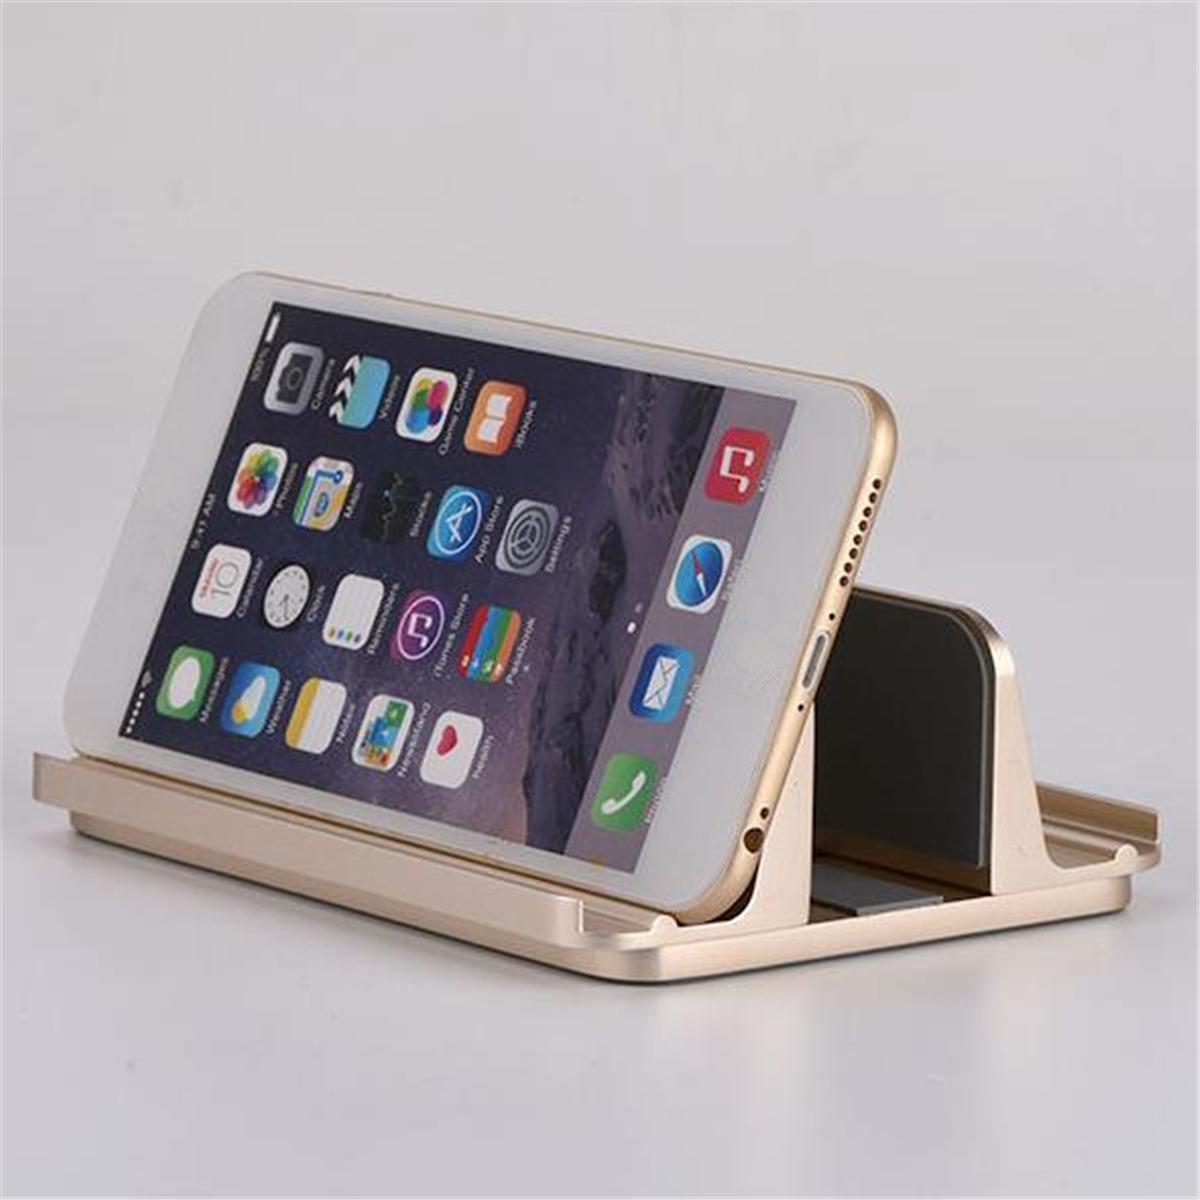 Алюминиевый держатель для телефона из алюминиевого сплава Ноутбук Stand Holder Держатель для ноутбука для портативных компьютеров